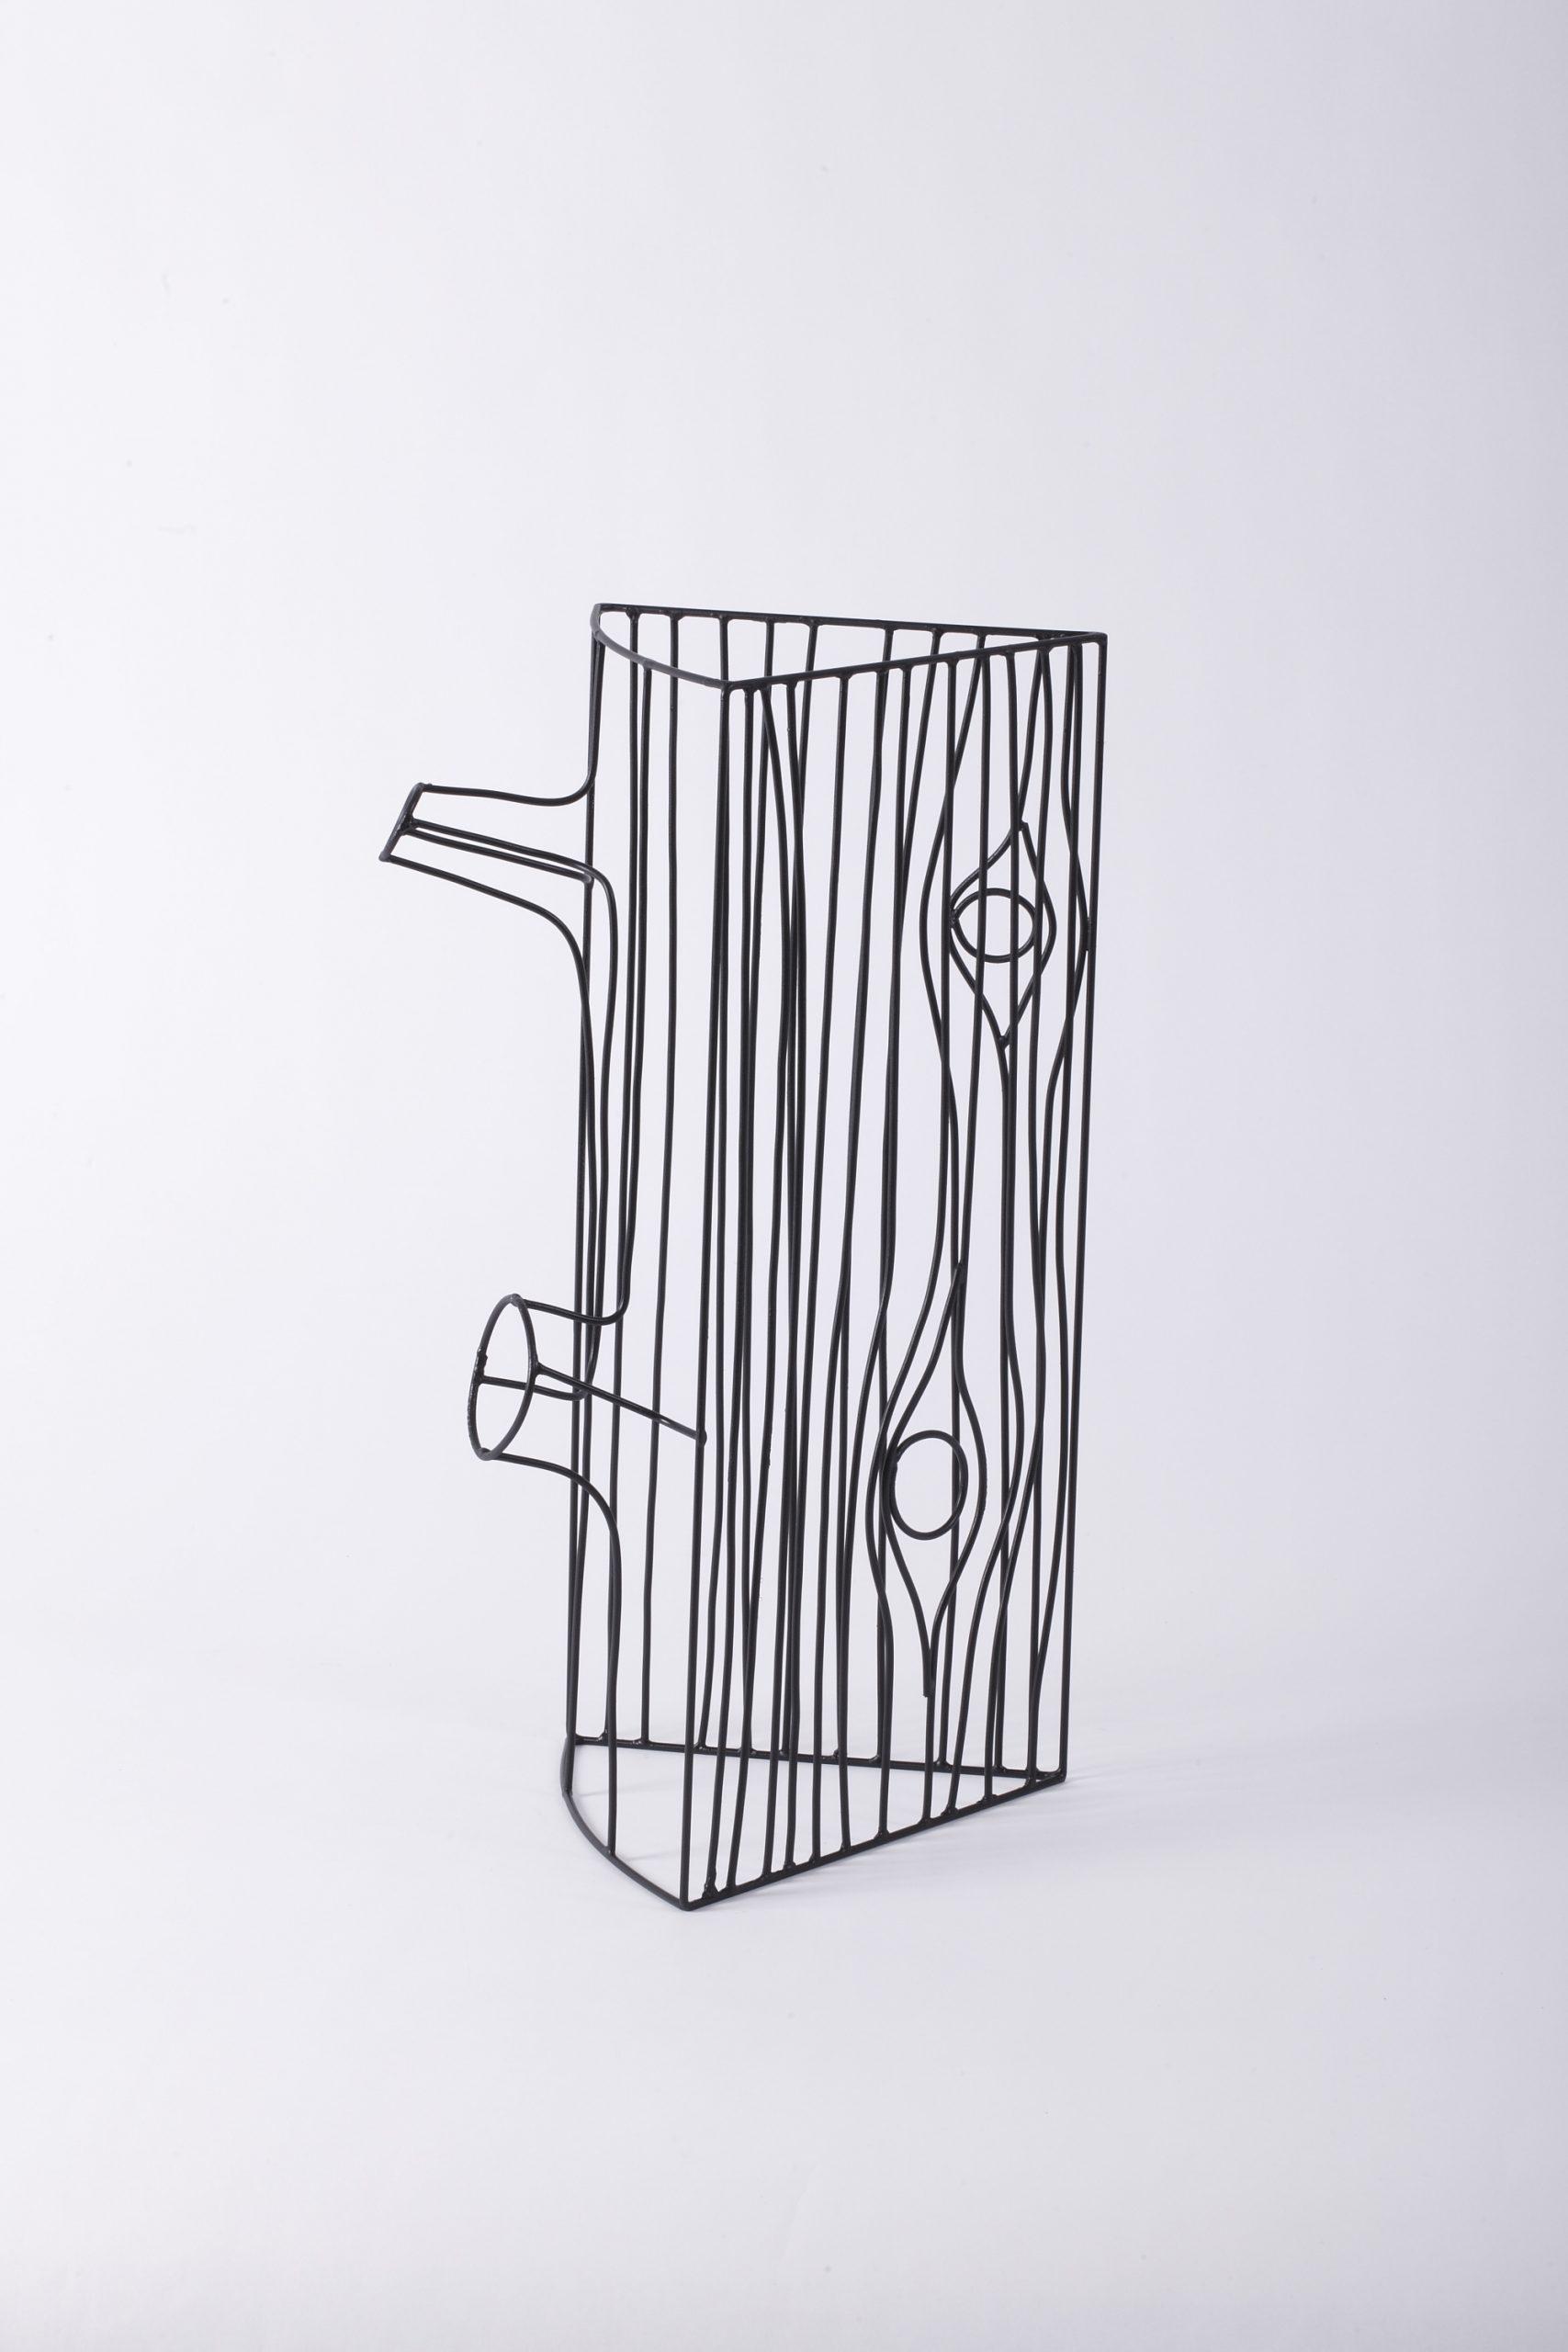 emil-taschka-line-01